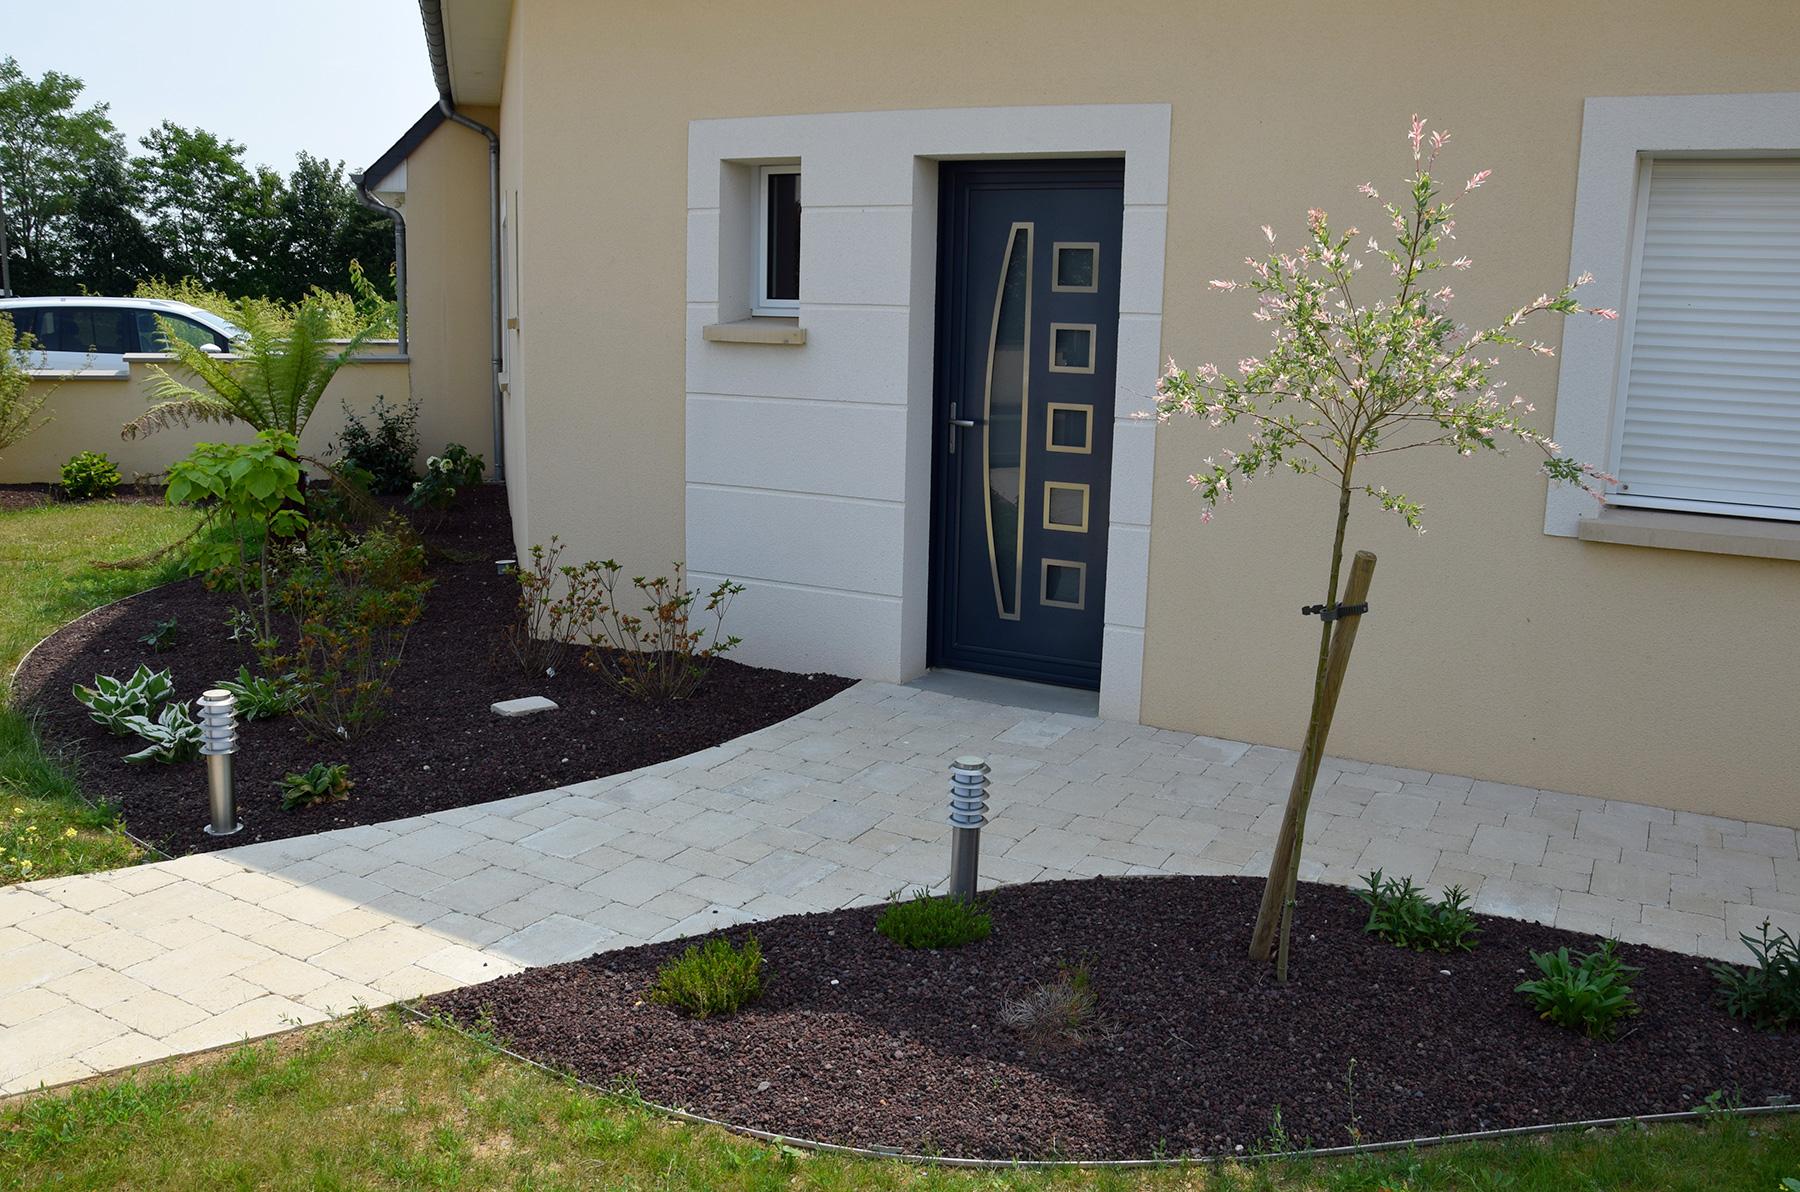 Aménagement Entrée Maison Extérieur aménagement d'entrée de maison en pavé   paysages conseil